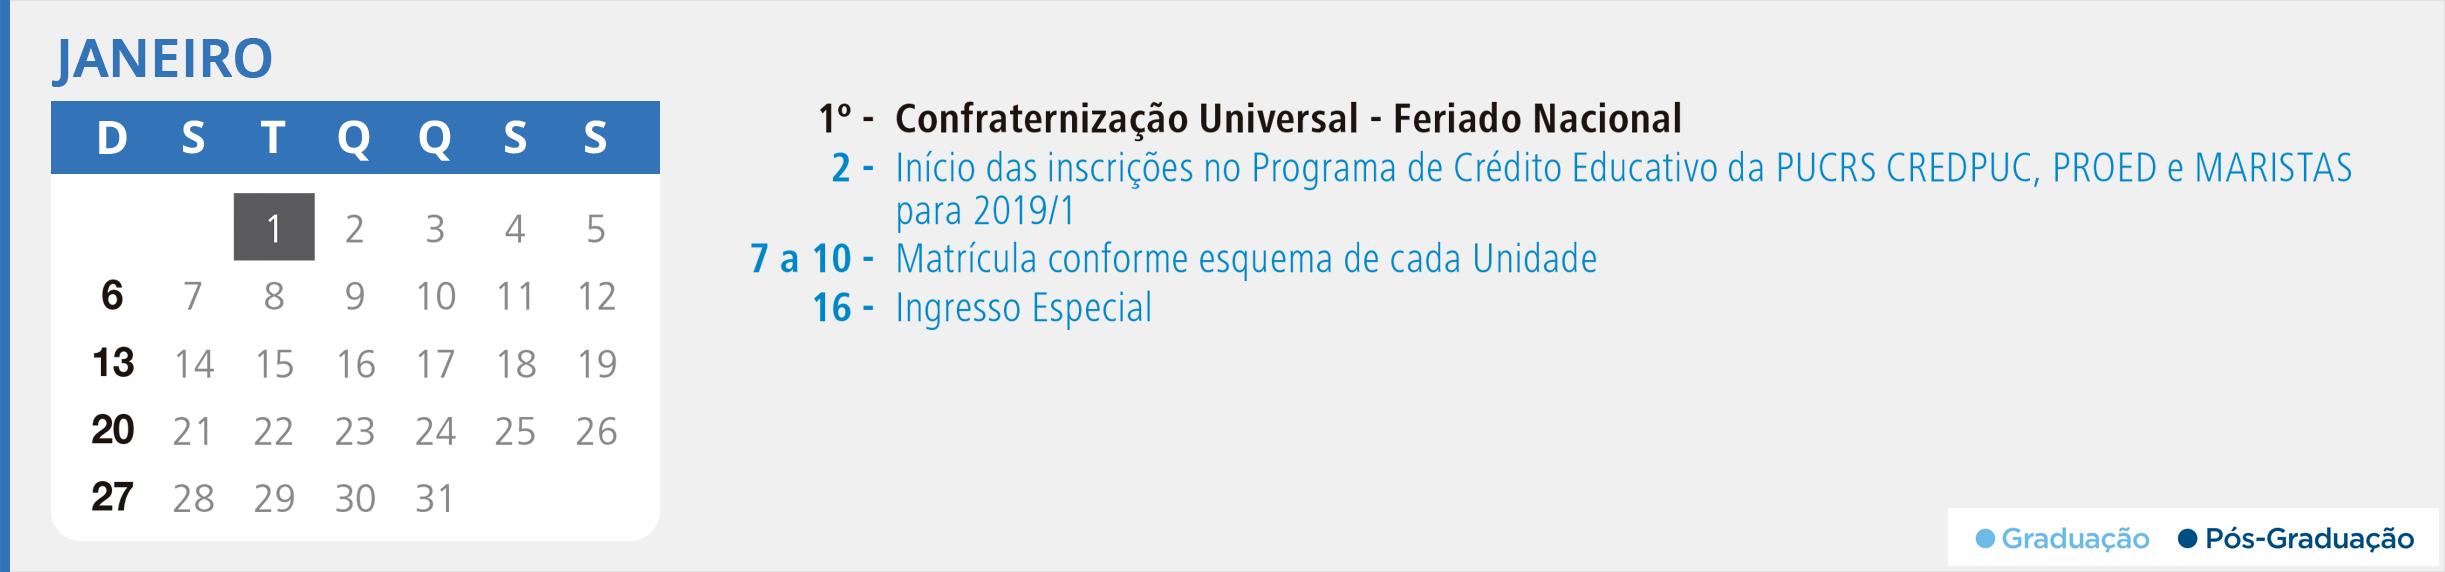 Calendário Acadêmico PUCRS - Mês de Janeiro